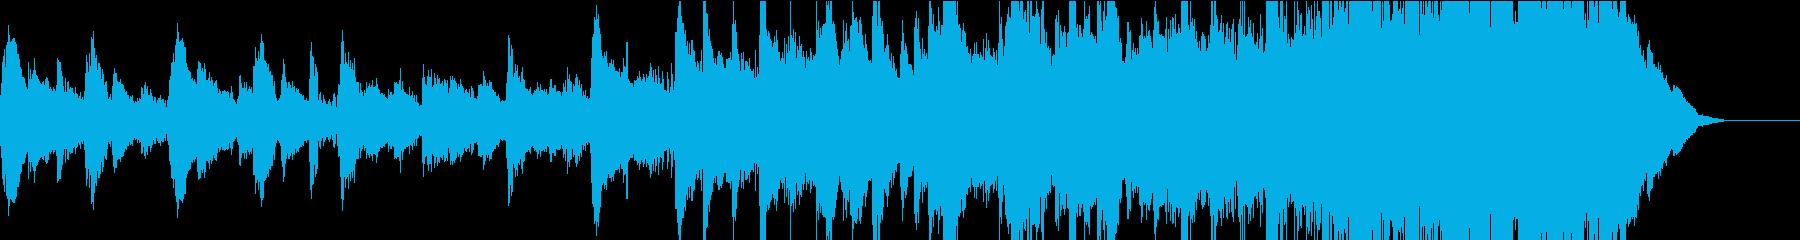 自然を感じる3拍子のピアノポップスの再生済みの波形